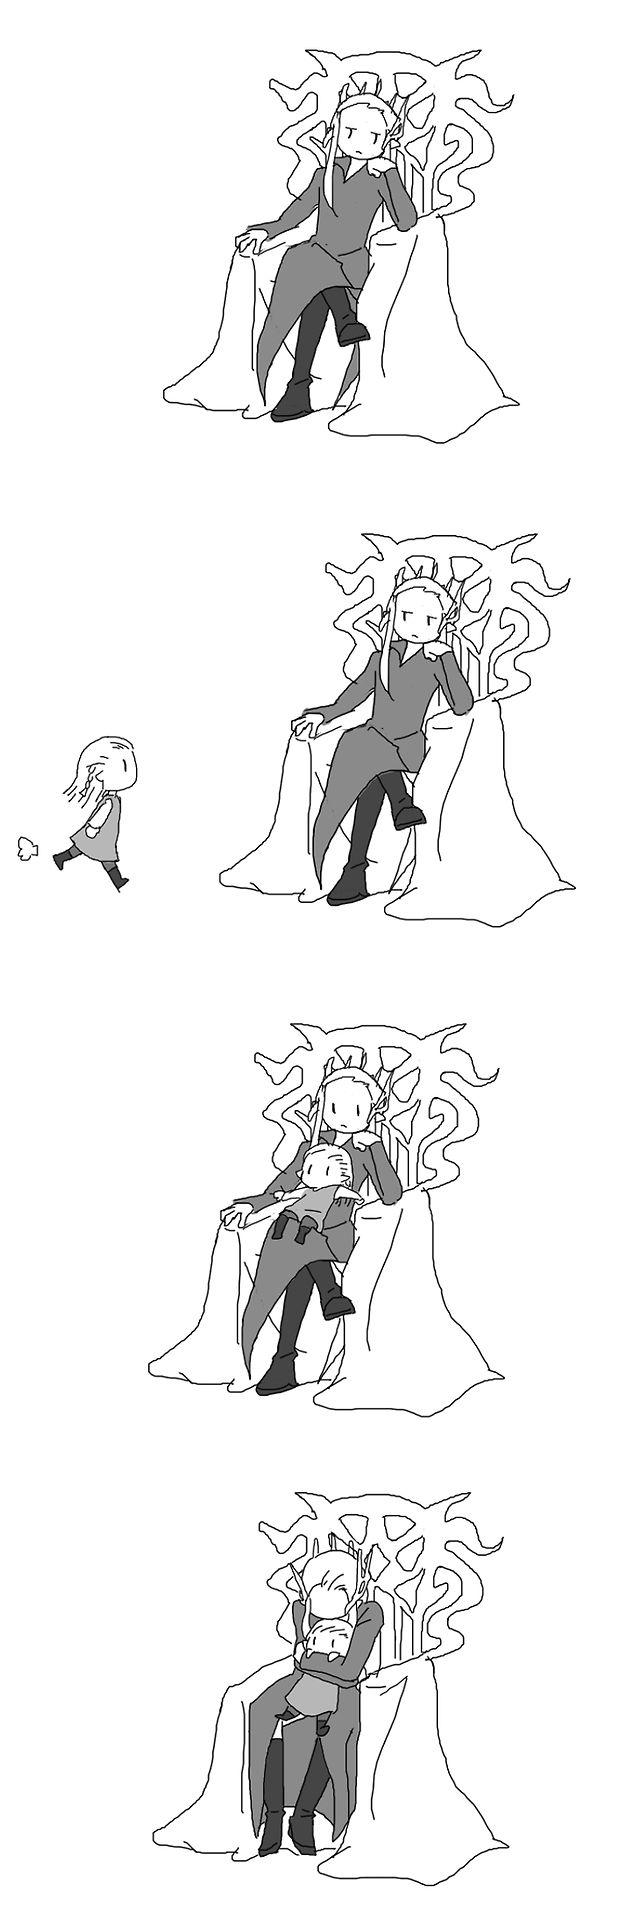 闇の森の親子 (The Father & Son of the Forest of Darkness), by ミサキアキ on Pixiv. Have the Mirkwood royalty always been this adorable?